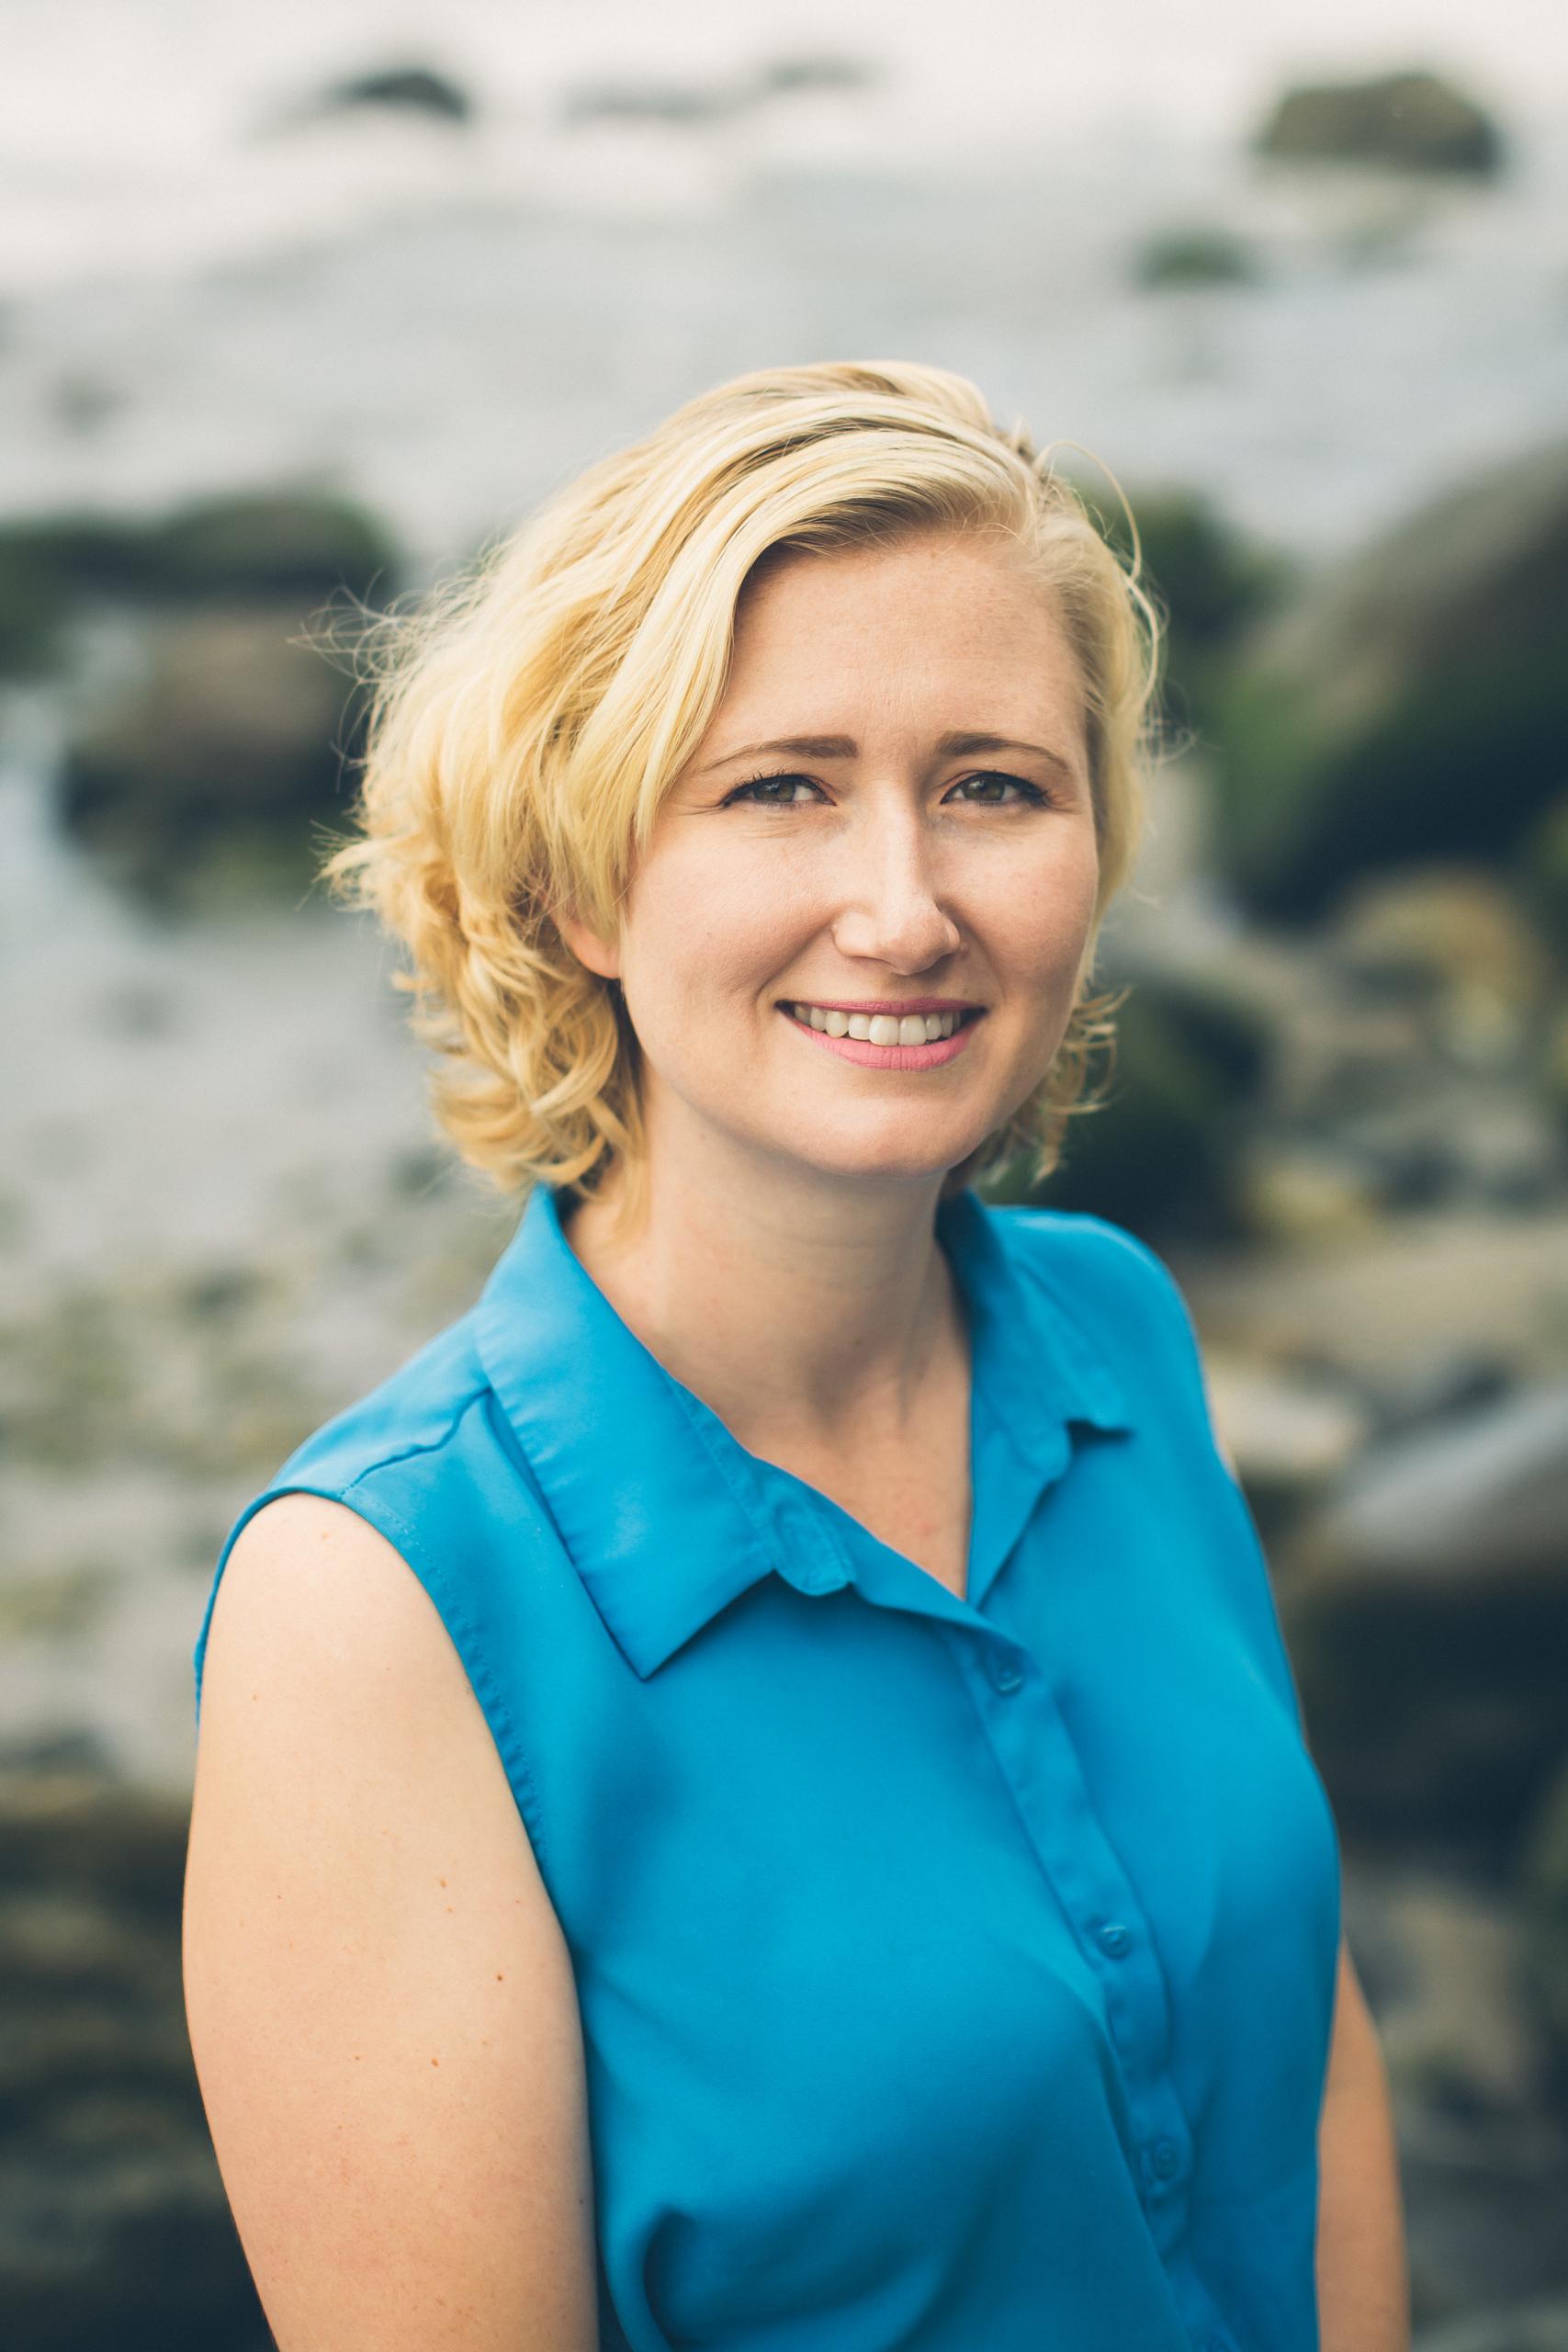 Ashley-Case-Manager-Surrogate-Parenting-Services